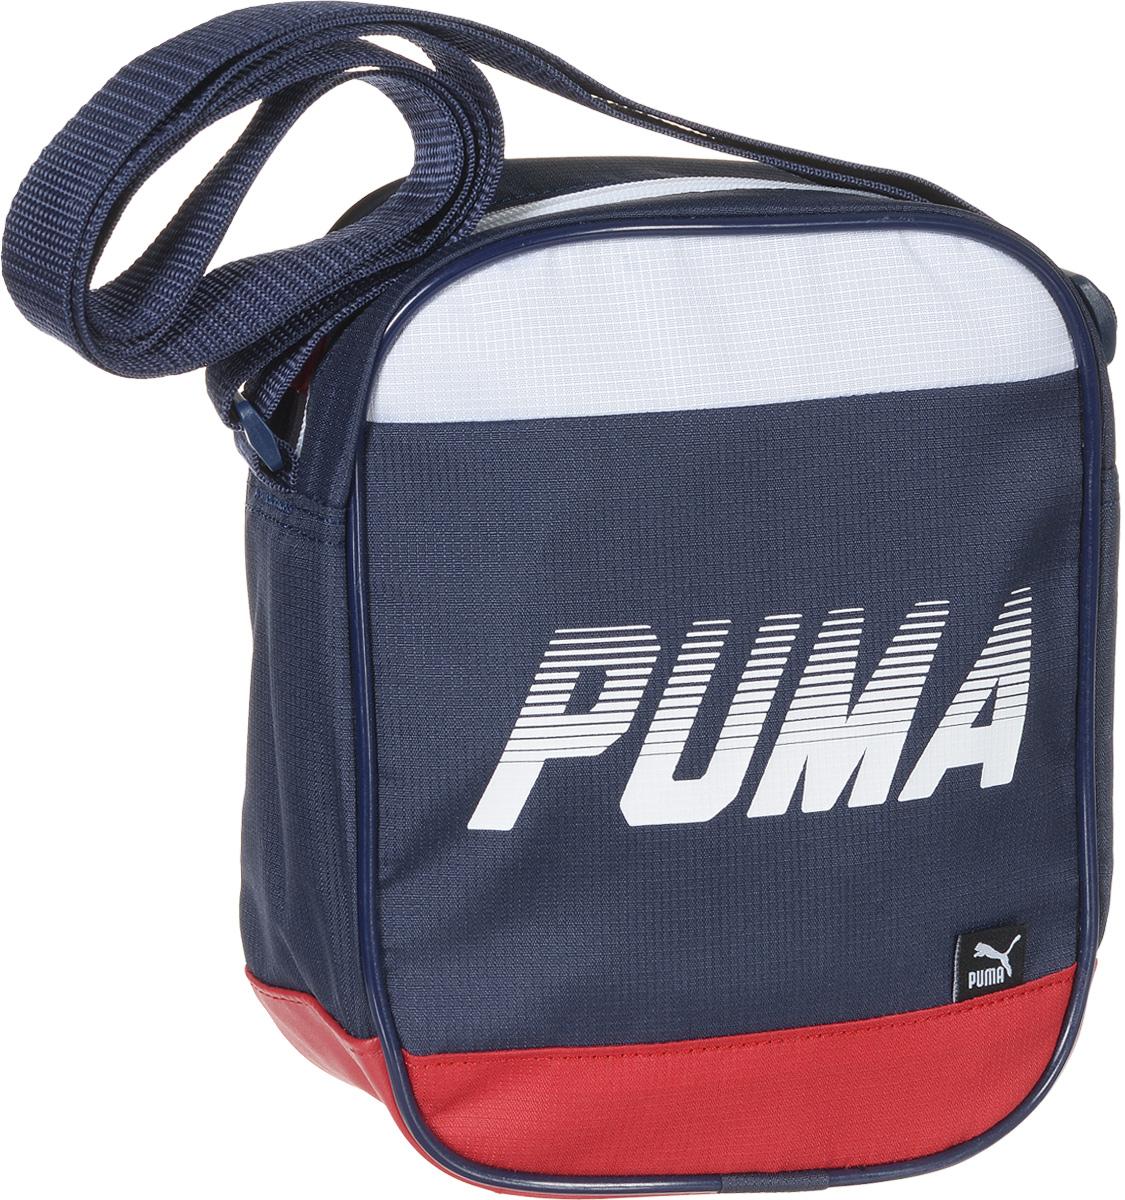 Сумка Puma Sole Portable, цвет: синий. 0741550207415502Сумка для документов Sole Portable от спортивной марки Puma выполнена из текстиля. Модель декорирована надписью с названием бренда, цветными металлическими язычками застежек-молний с символикой Puma и тканевым ярлыком с набивным логотипом PUMA. Сумка имеет главное отделение на молнии и небольшой прорезной карман на молнии внутри, изделие оснащено функциональной подкладкой из полиэстера150D с изнанкой из полиуретана, а так же удобной лямкой через плечо регулируемой длины из лямочной ленты с цветной пластиковой фурнитурой. Основанный в 1948 году бренд Puma стал выбором многих героев мирового спорта. Дизайн Puma сосредоточен на стиле и функциональности моделей, поэтому коллекции брендовой одежды и обуви сочетают современный стиль с инновационными спортивными технологиями